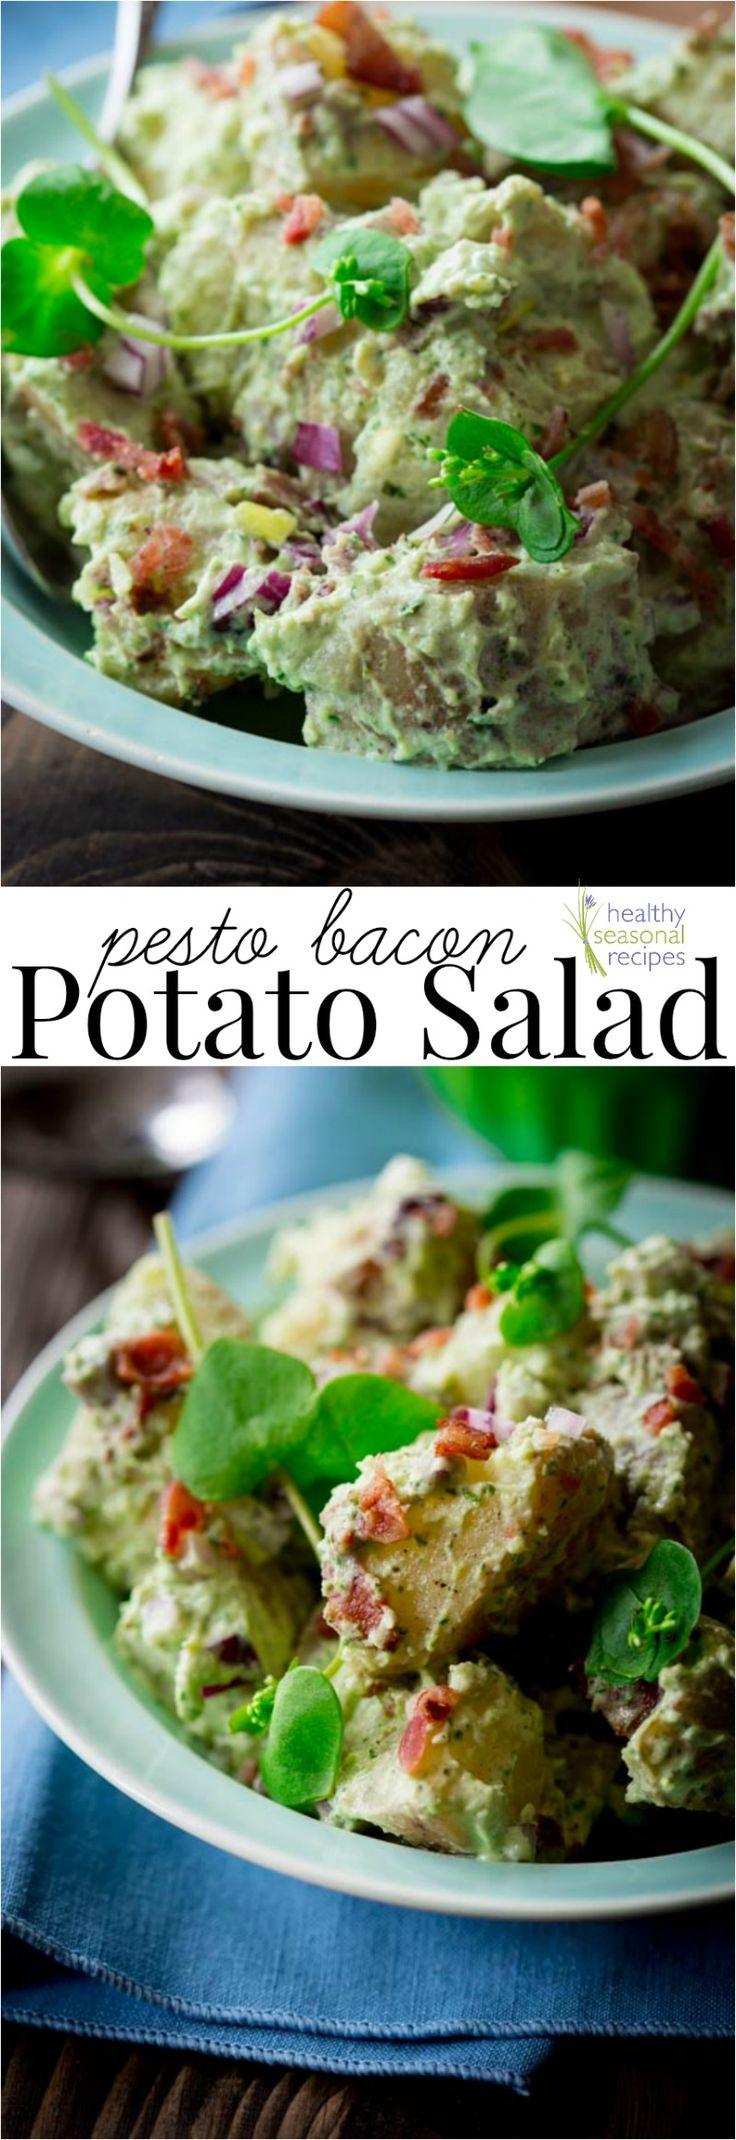 Best 25 easy potato salad ideas on pinterest easy for Deviled egg potato salad recipe easy